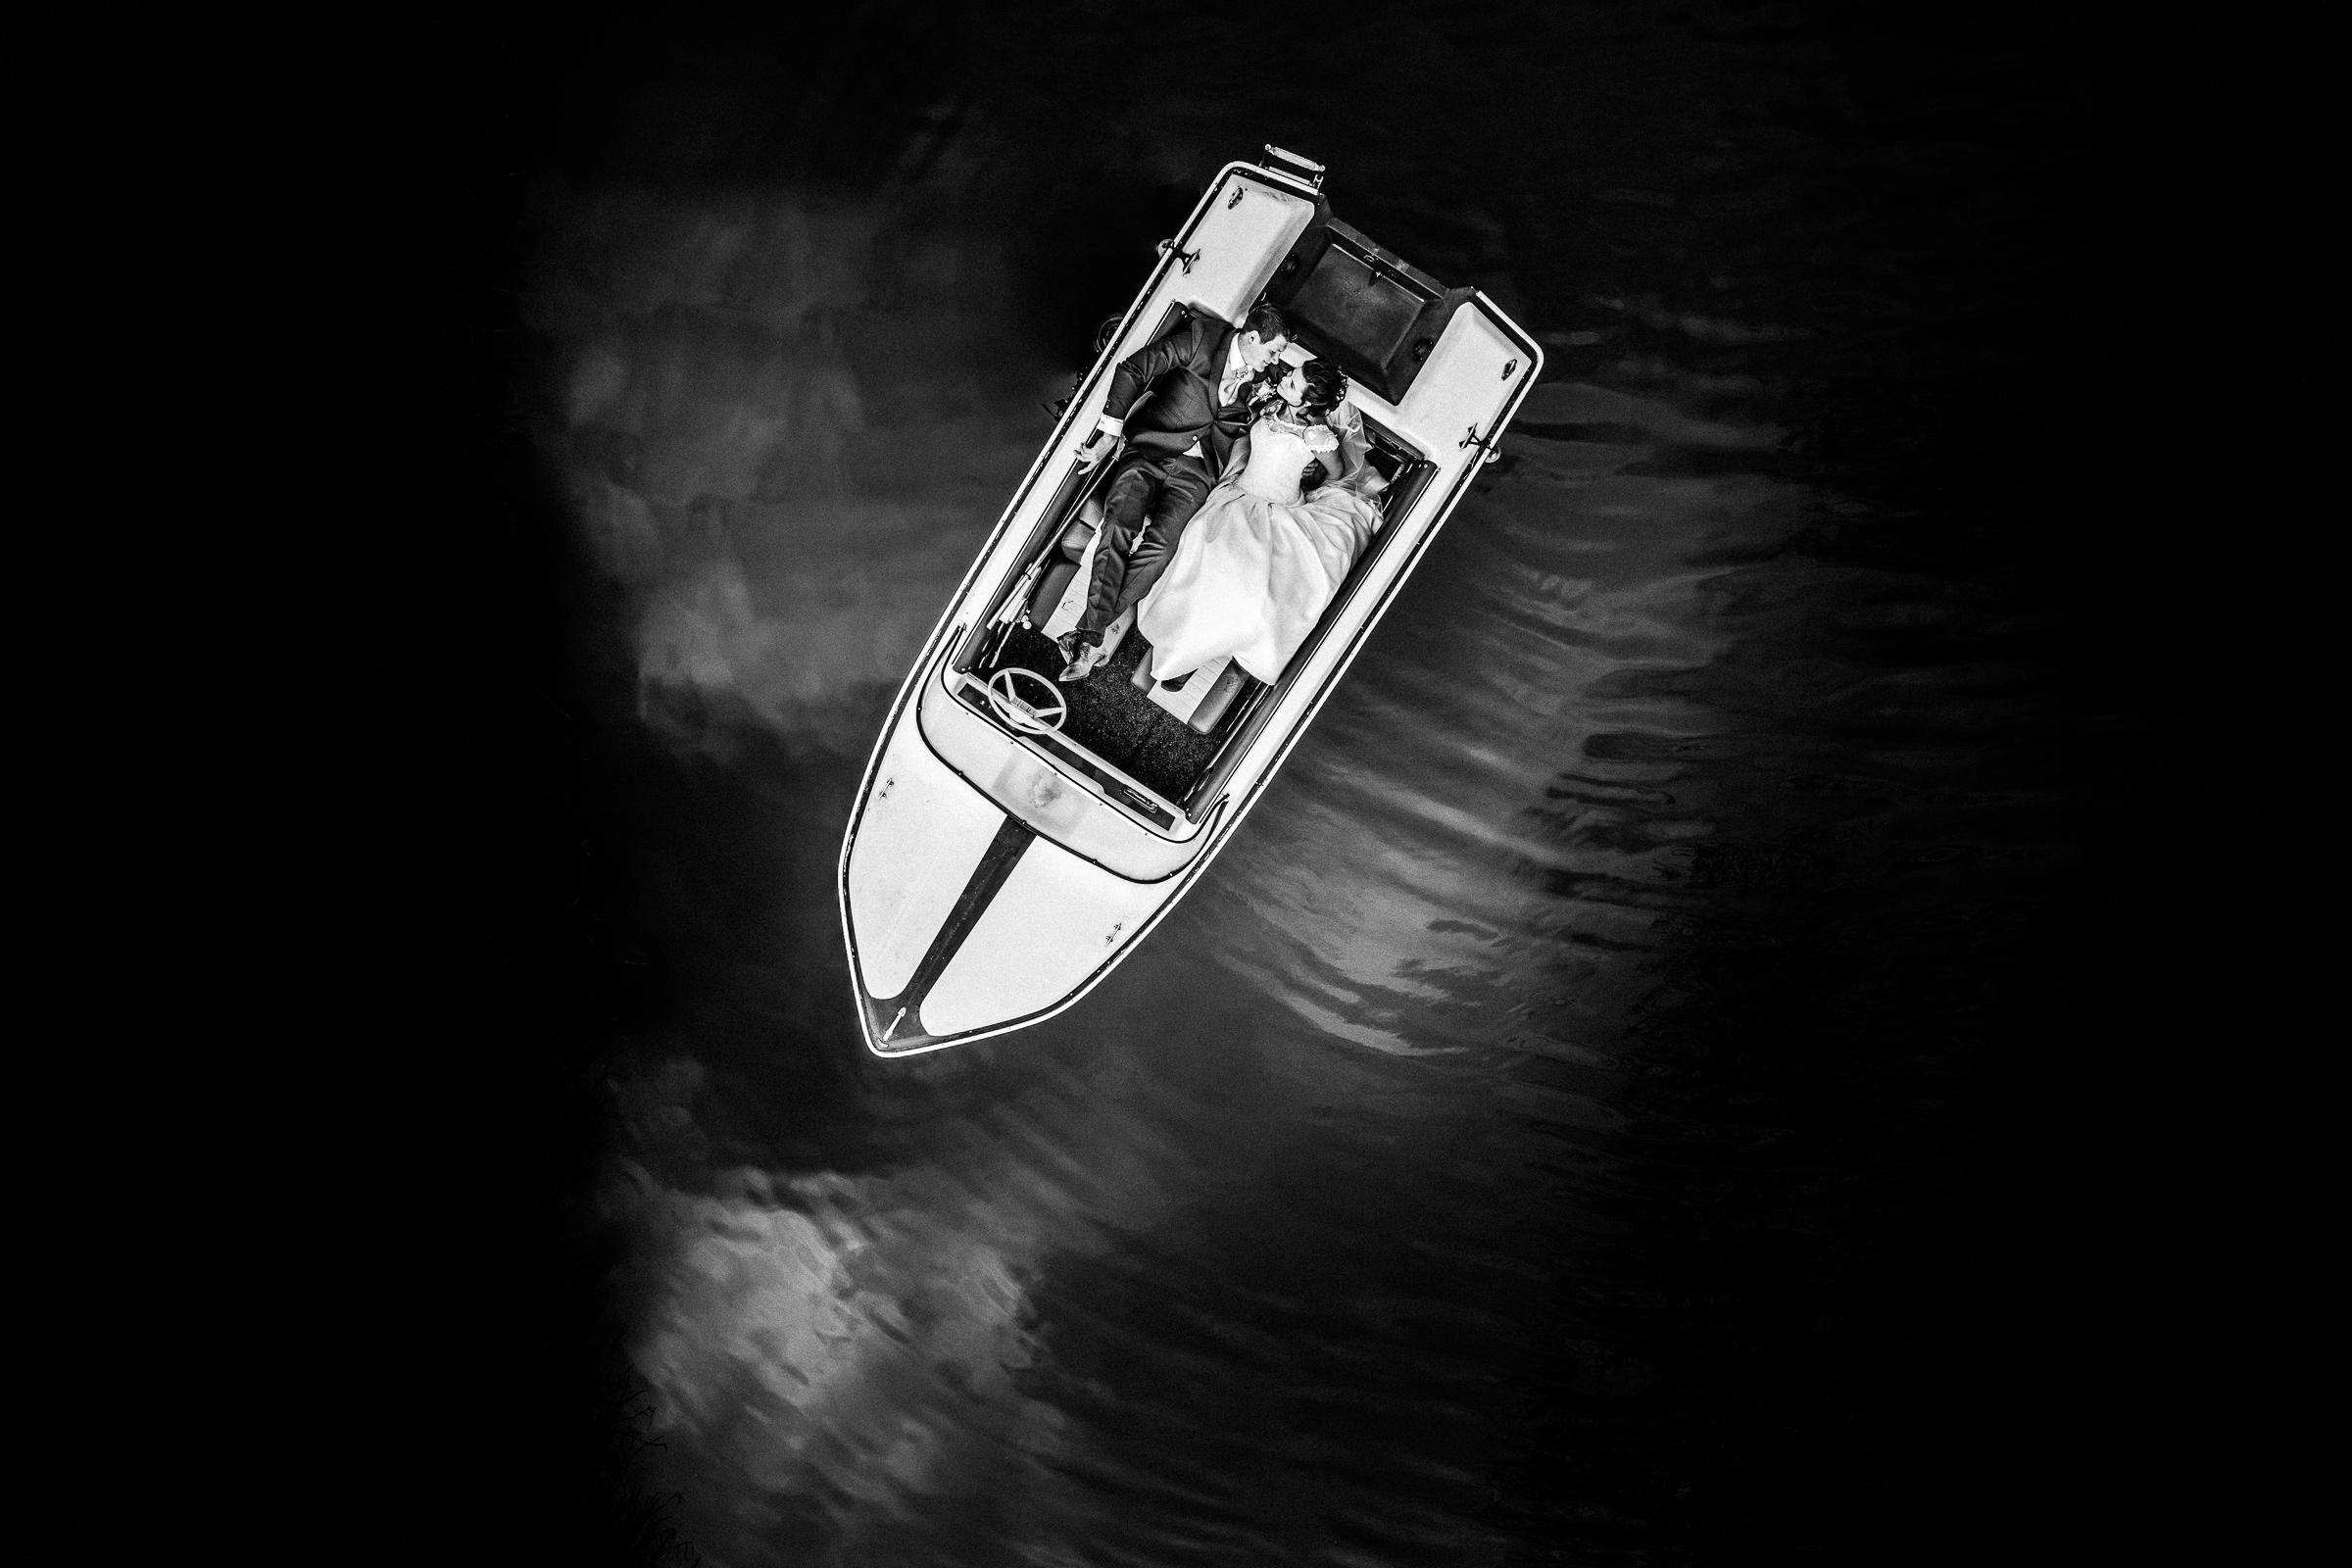 50 best drone wedding portraits of the decade - Peter van der Lingen Wedding Photography